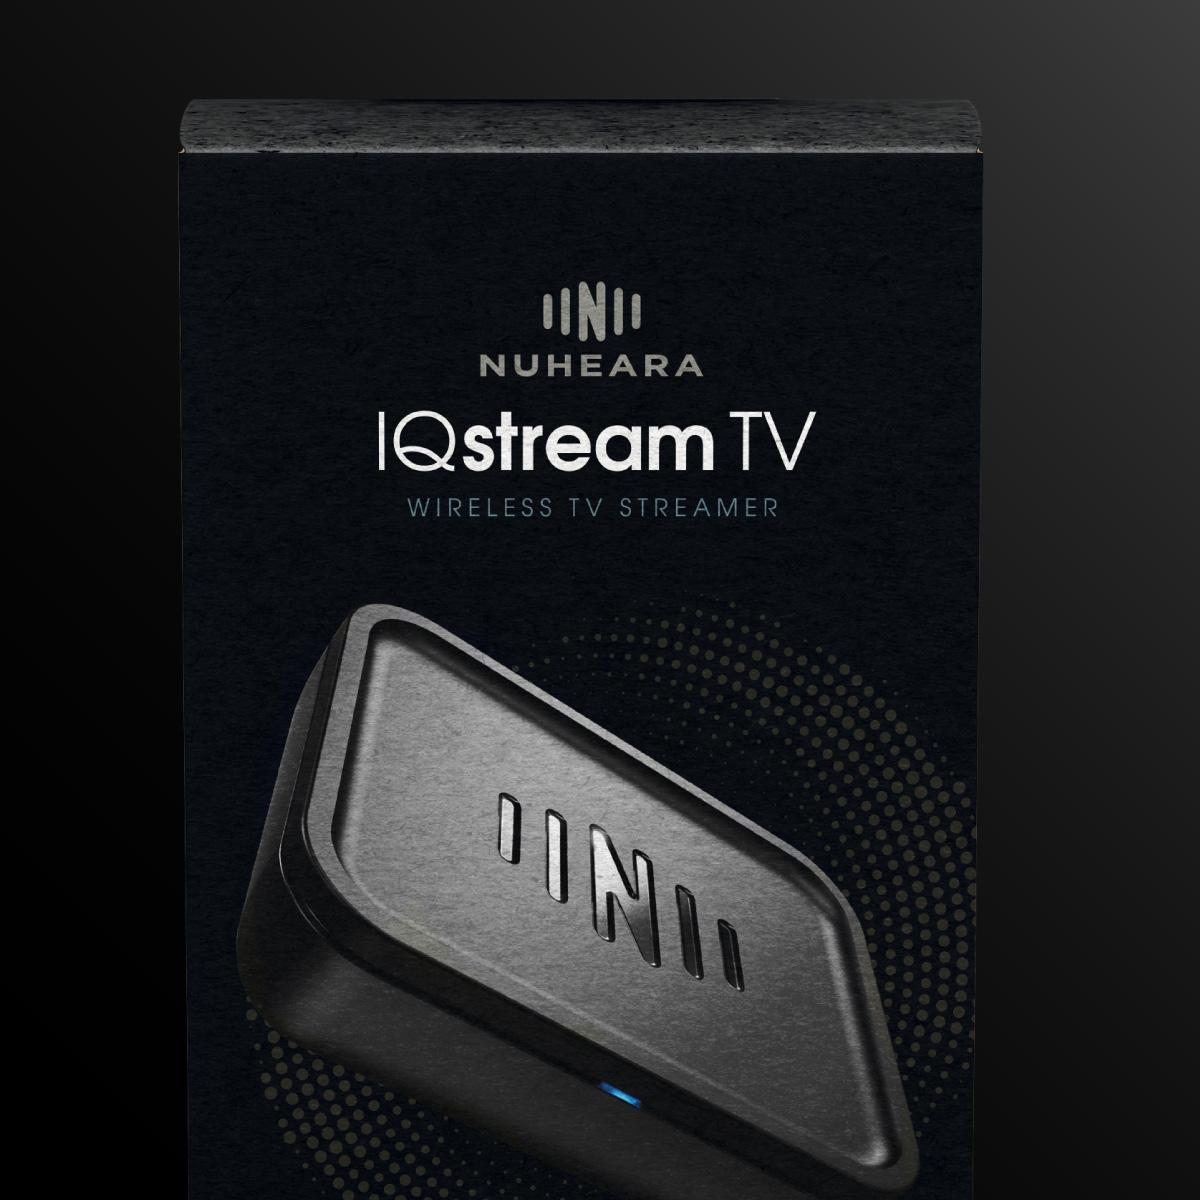 IQ stream TV close up